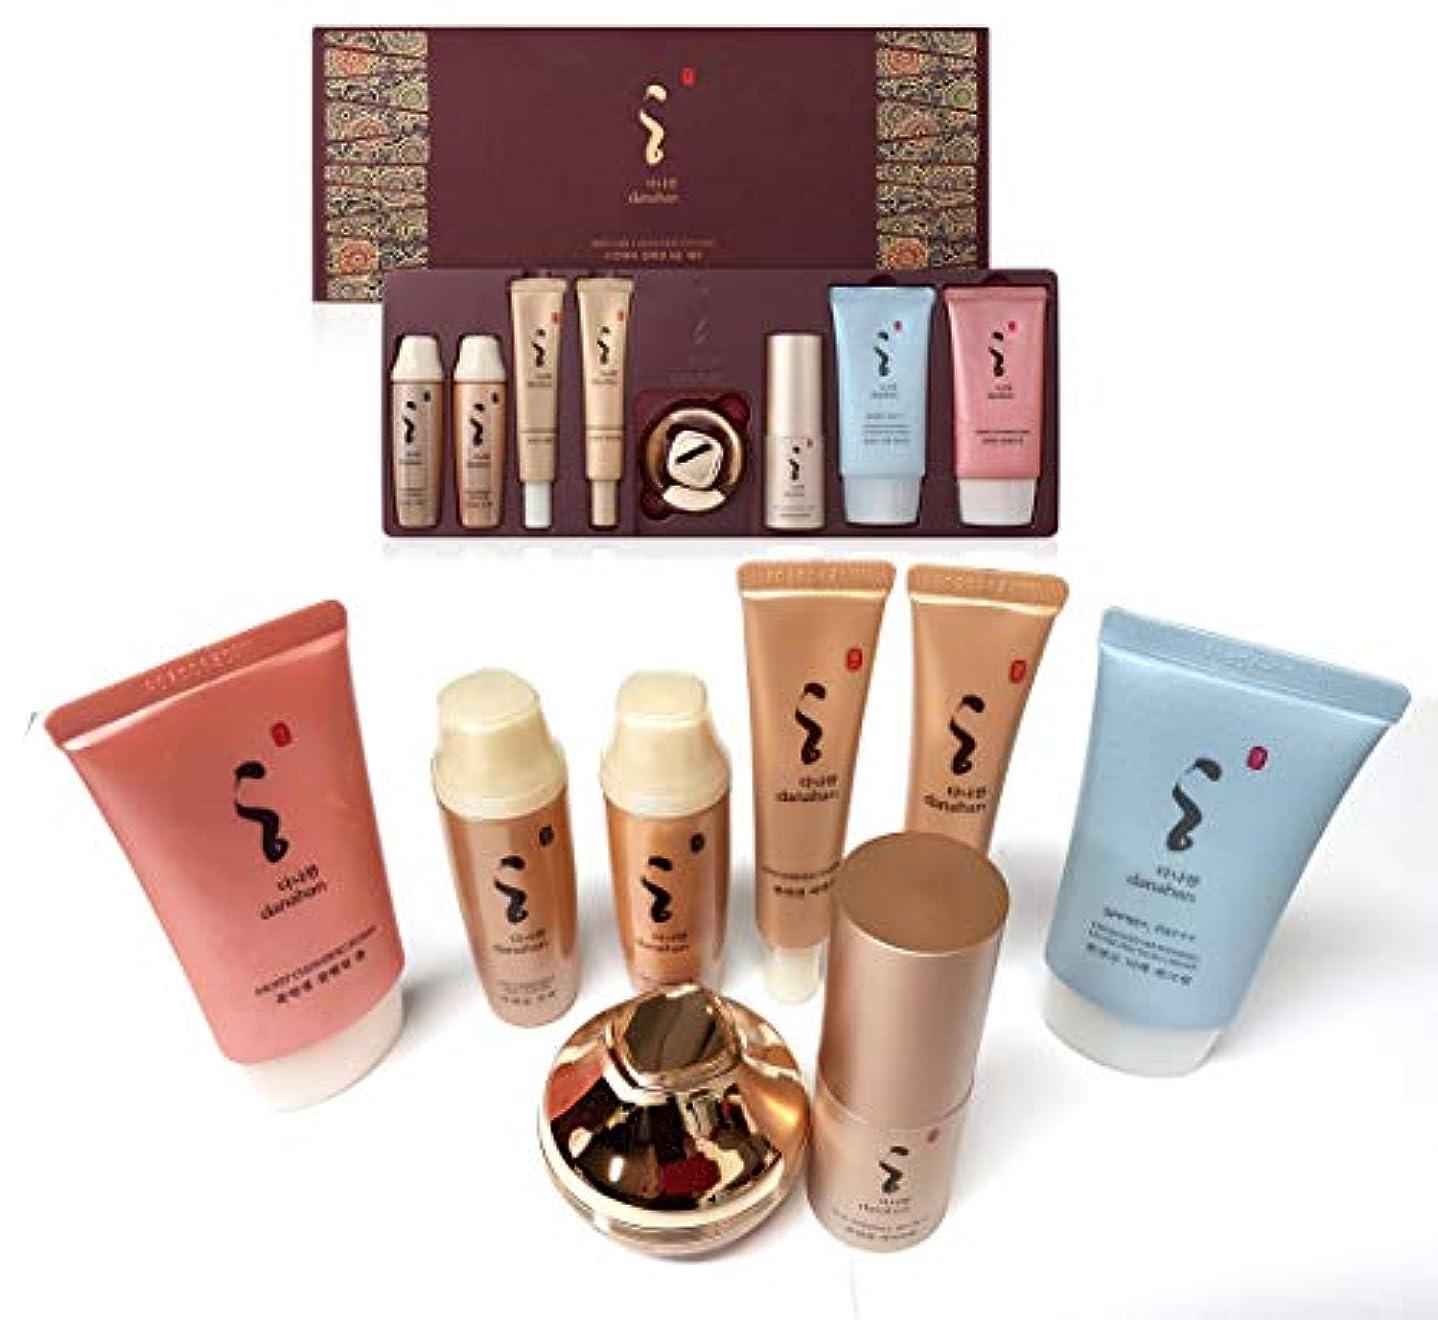 複合時制使用法[DANAHAN] スキンケアコレクションギフト8本セット/ Skin Care Collection gift 8pcs set/モイスチャー、ハーバルフルイド/Moisture, herbal fluidn/韓国化粧品...